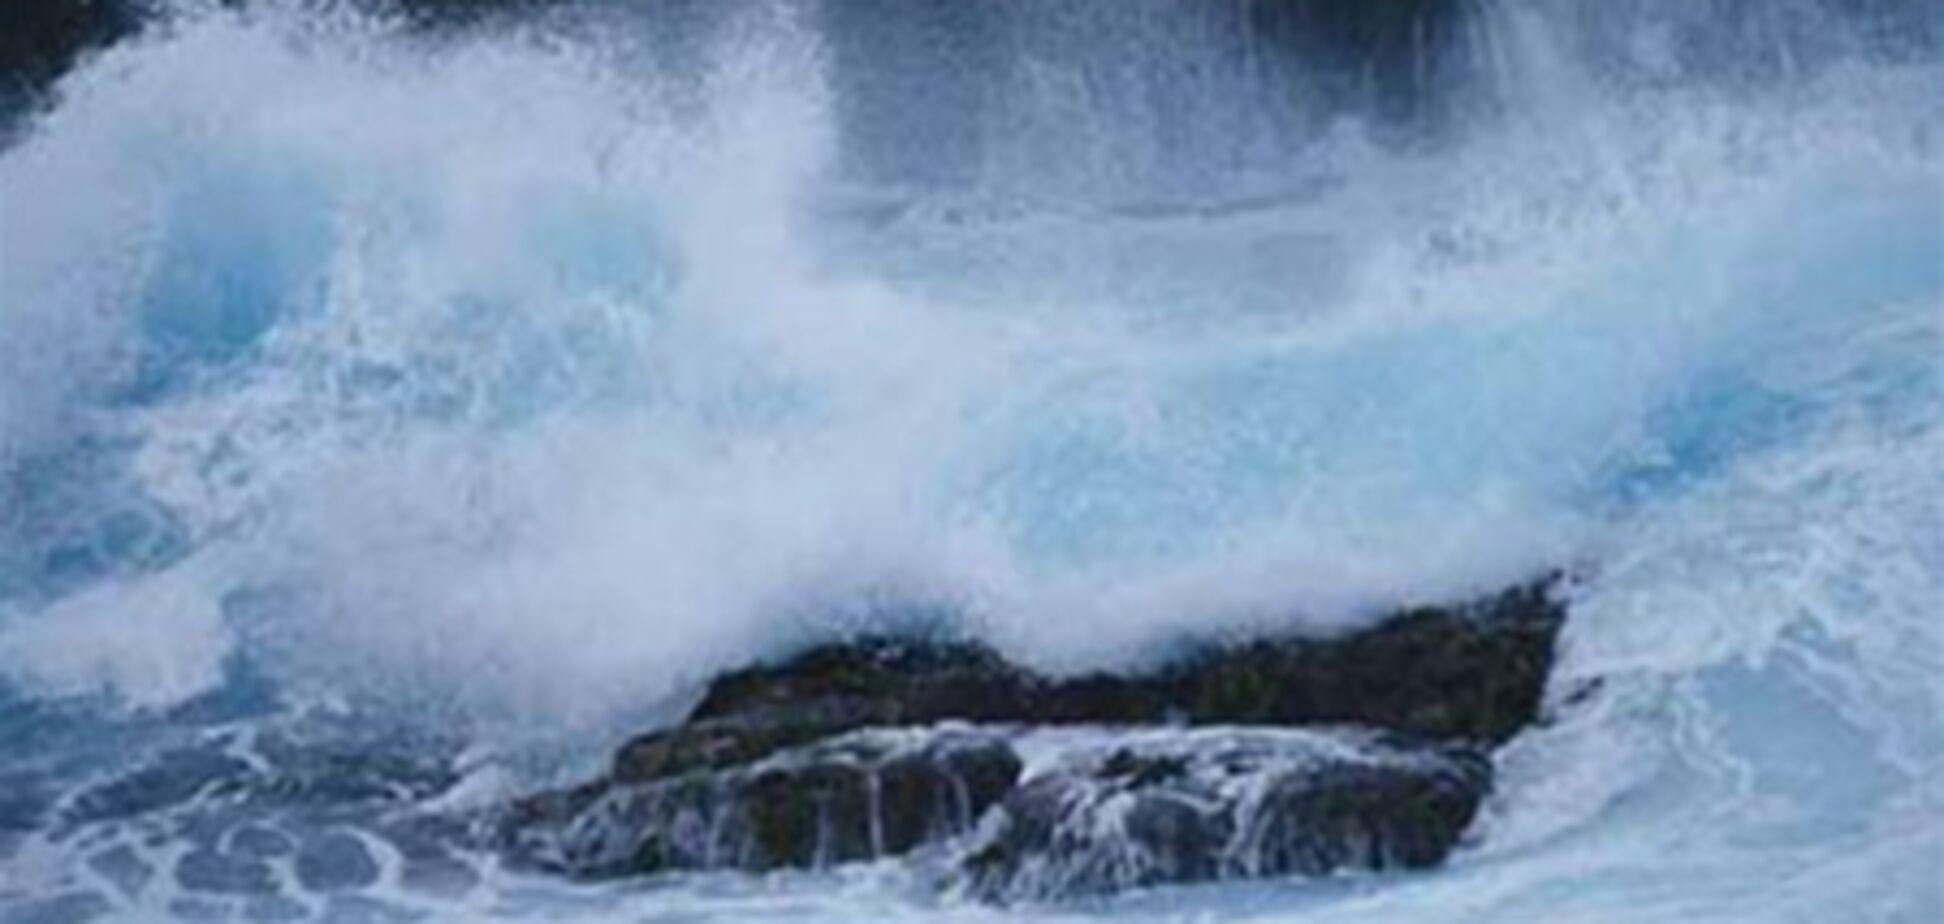 У Криму оголосили штормове попередження на 28 березня